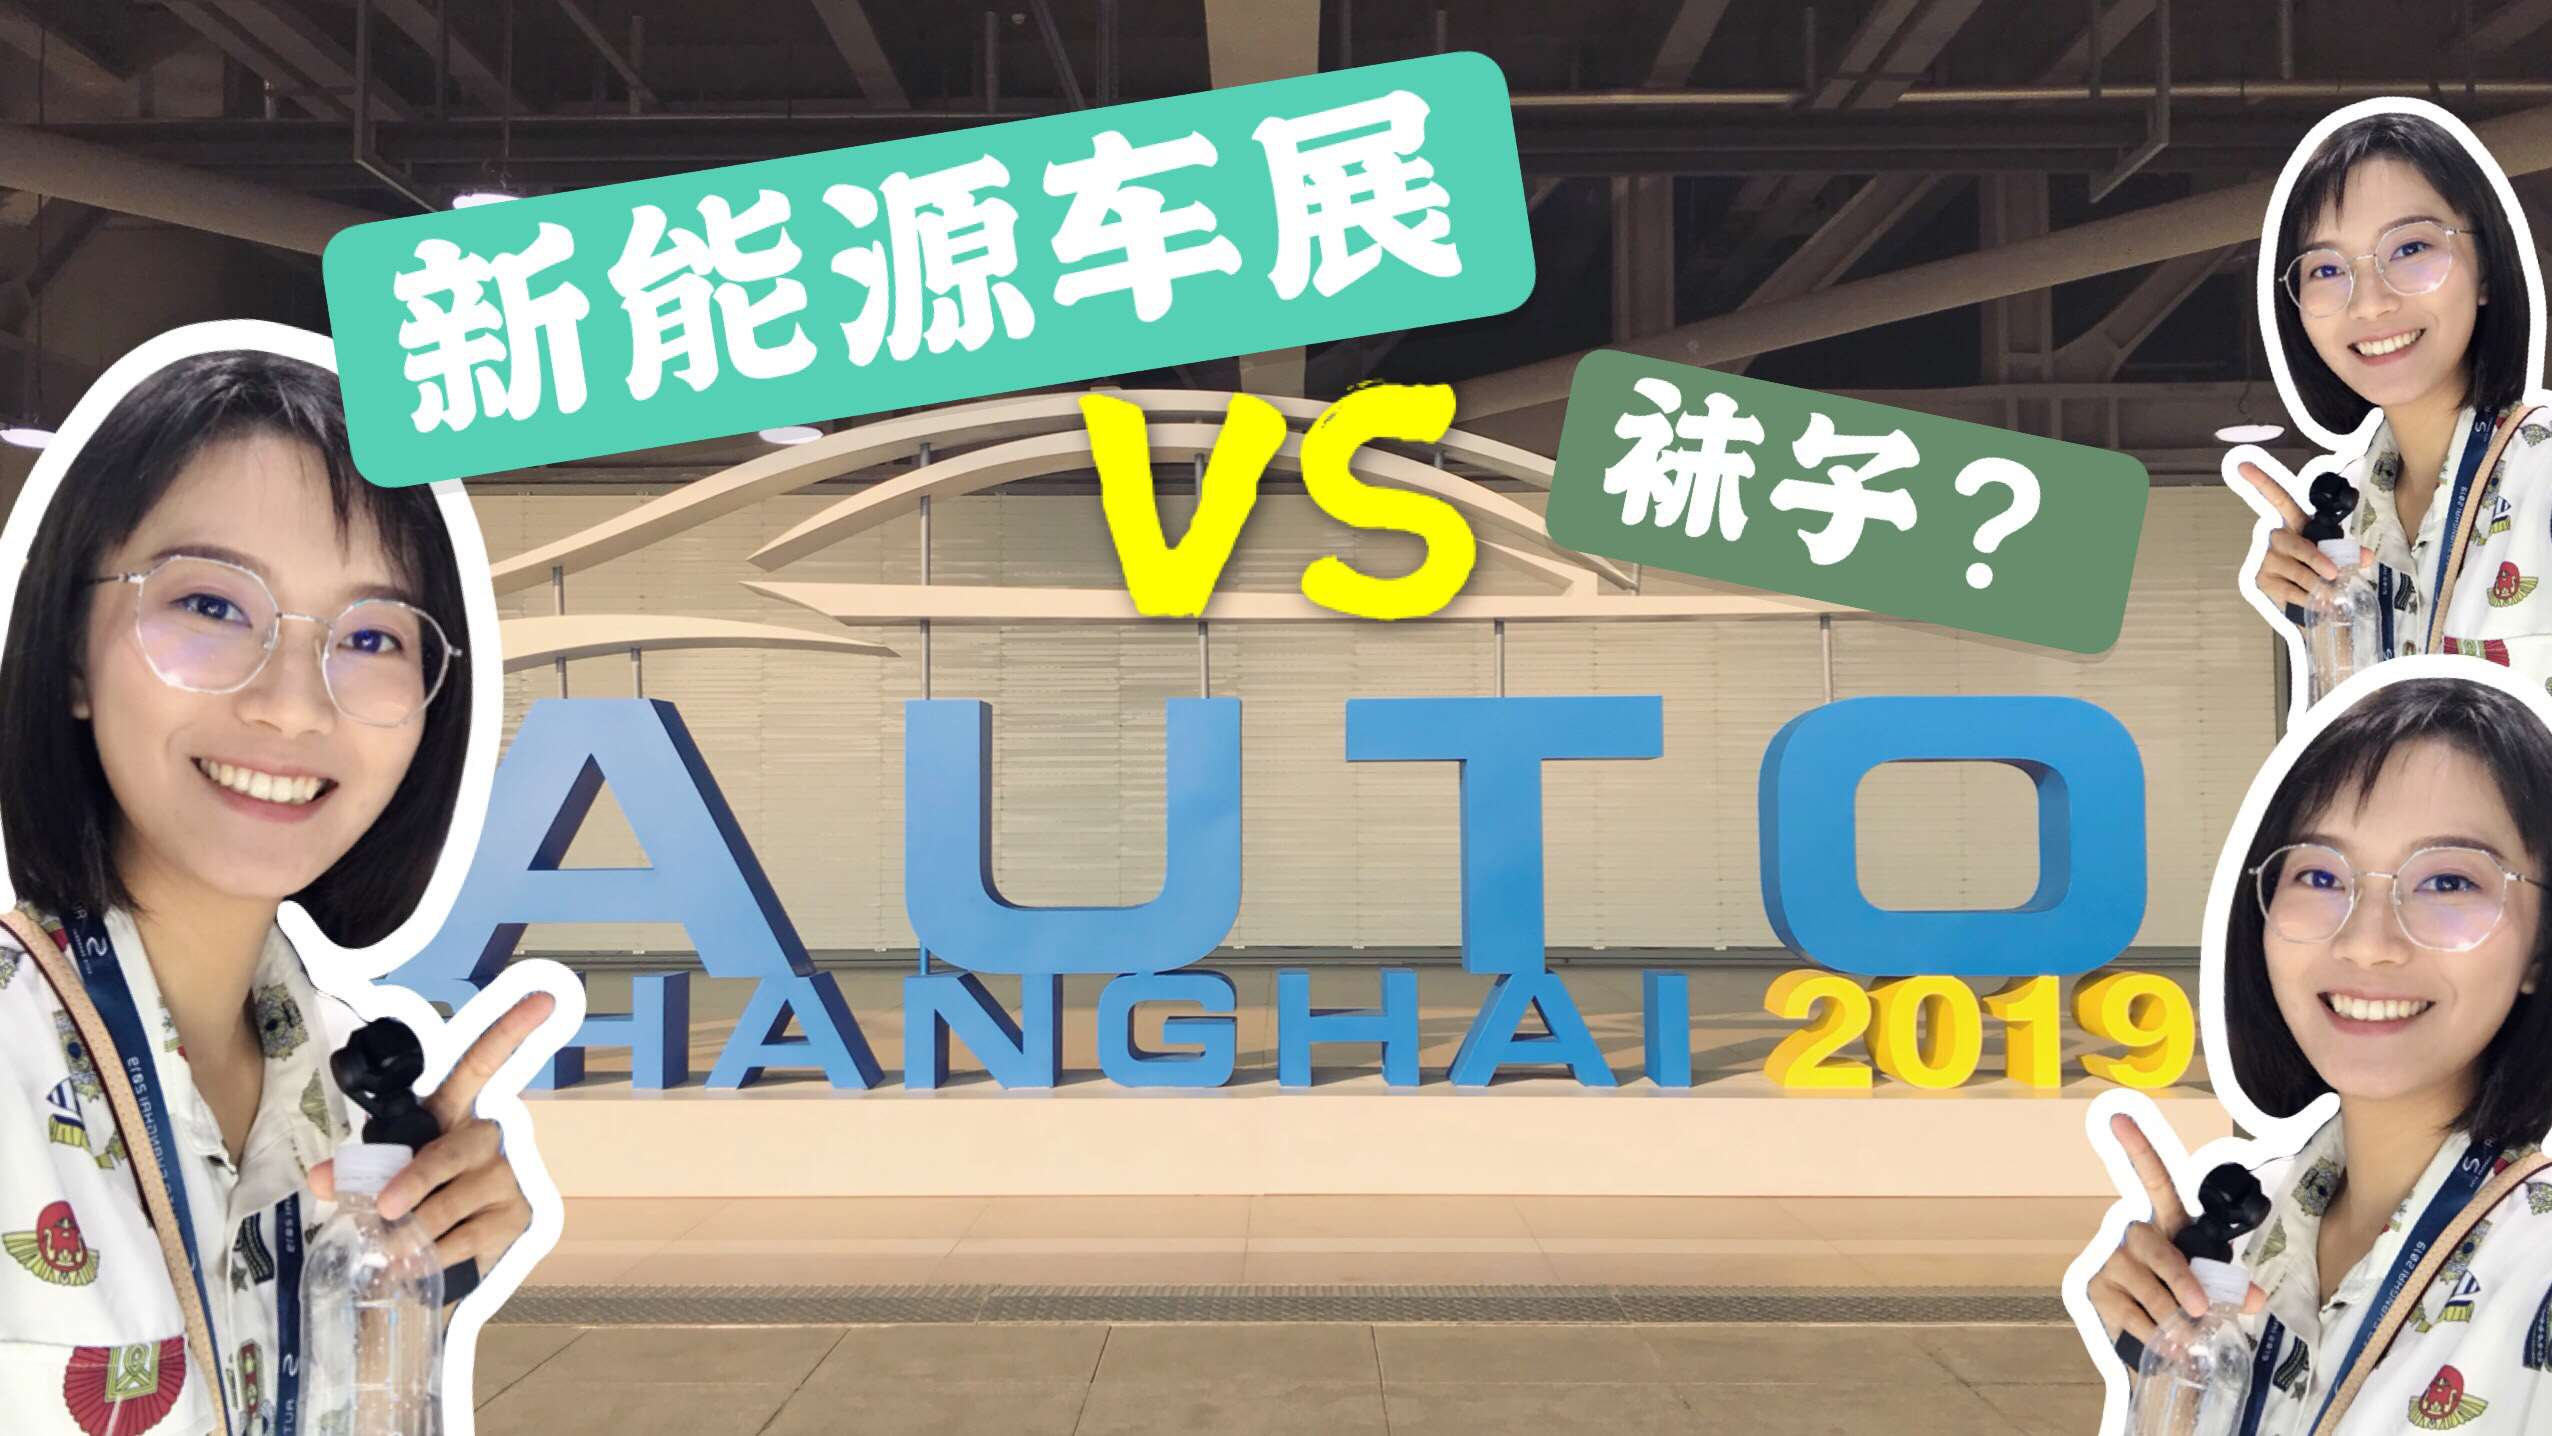 上海车展的新能源车和袜子有什么关系呢